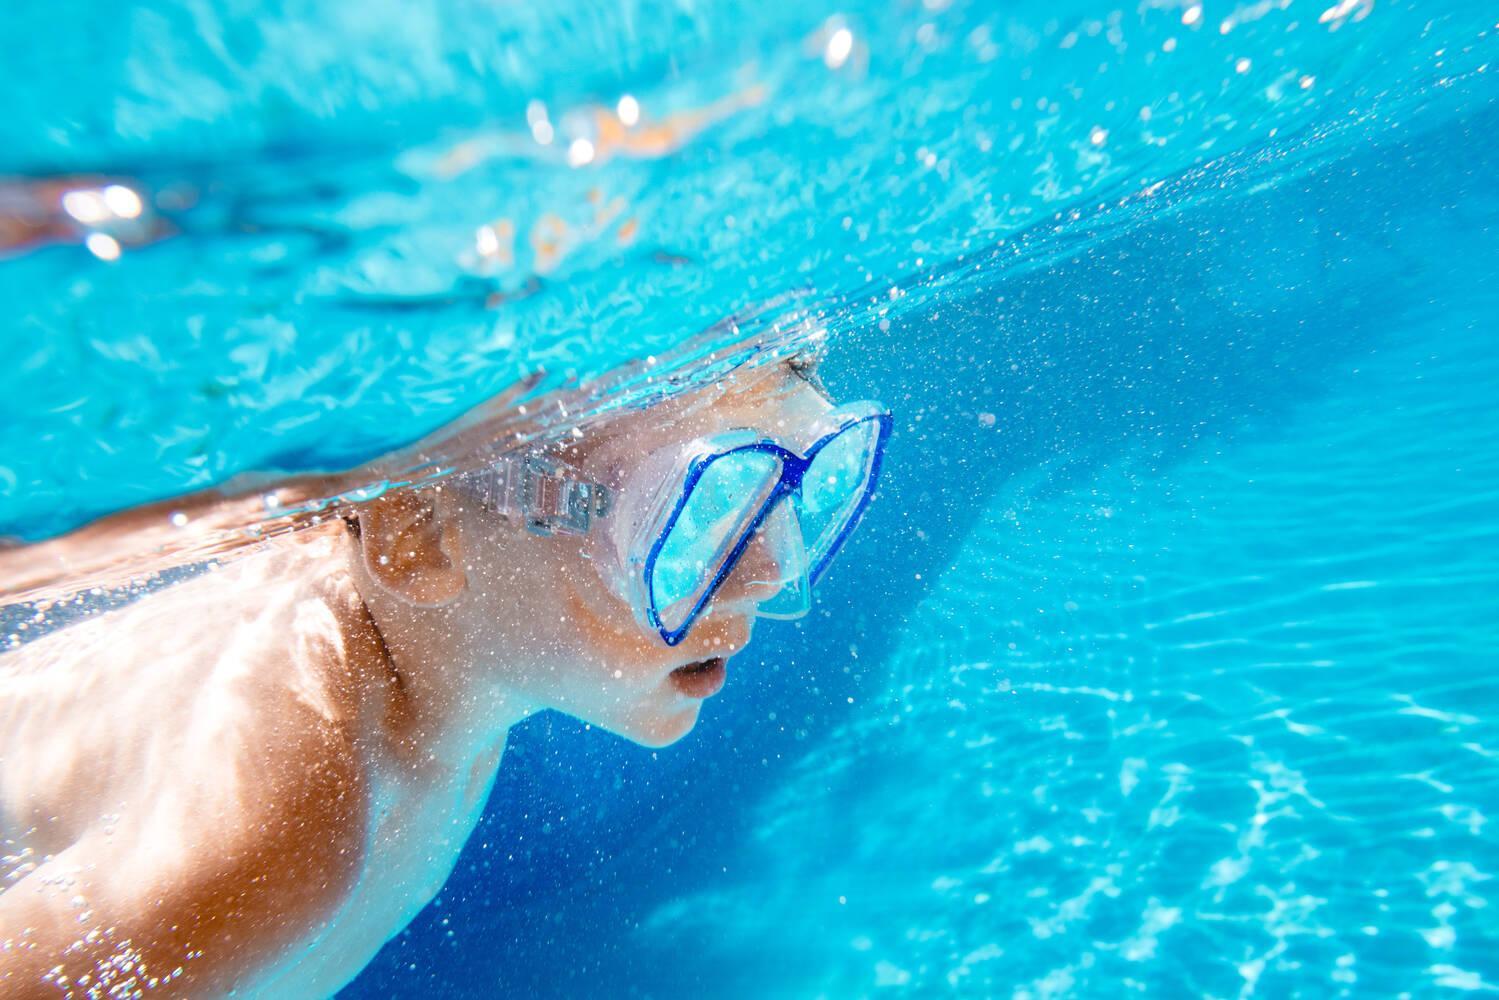 Schwimmfähigkeit / Rettungsschwimmen